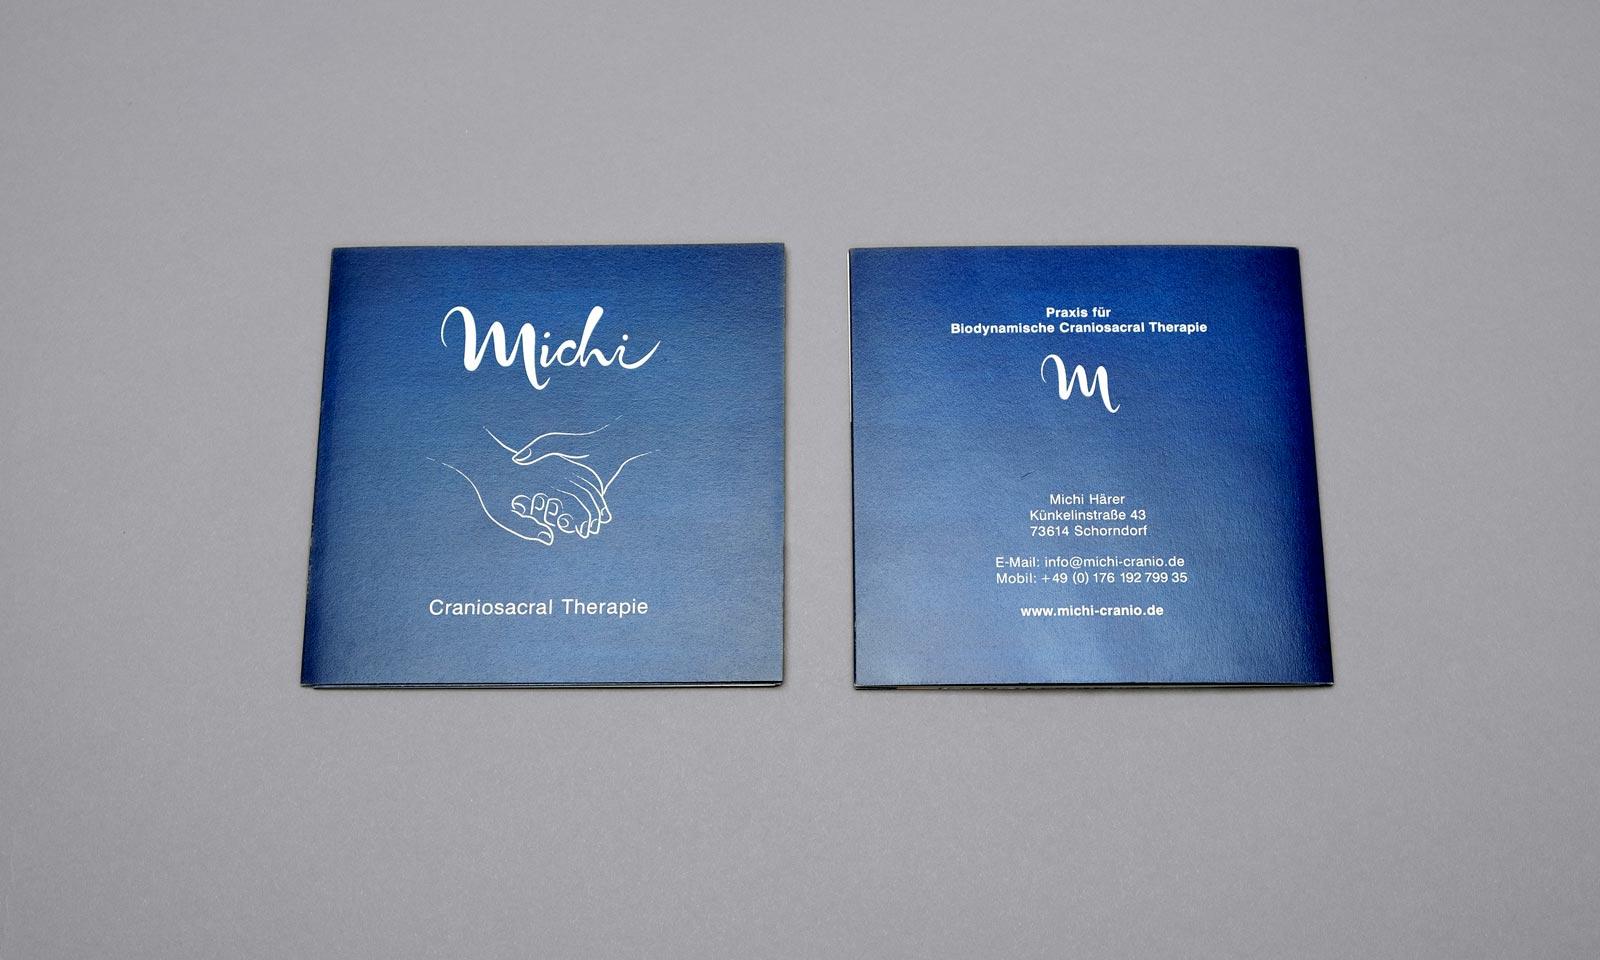 Michi, Broschüre, Geschäftsausstattung, Corporate Design, Vorder- und Rückseite